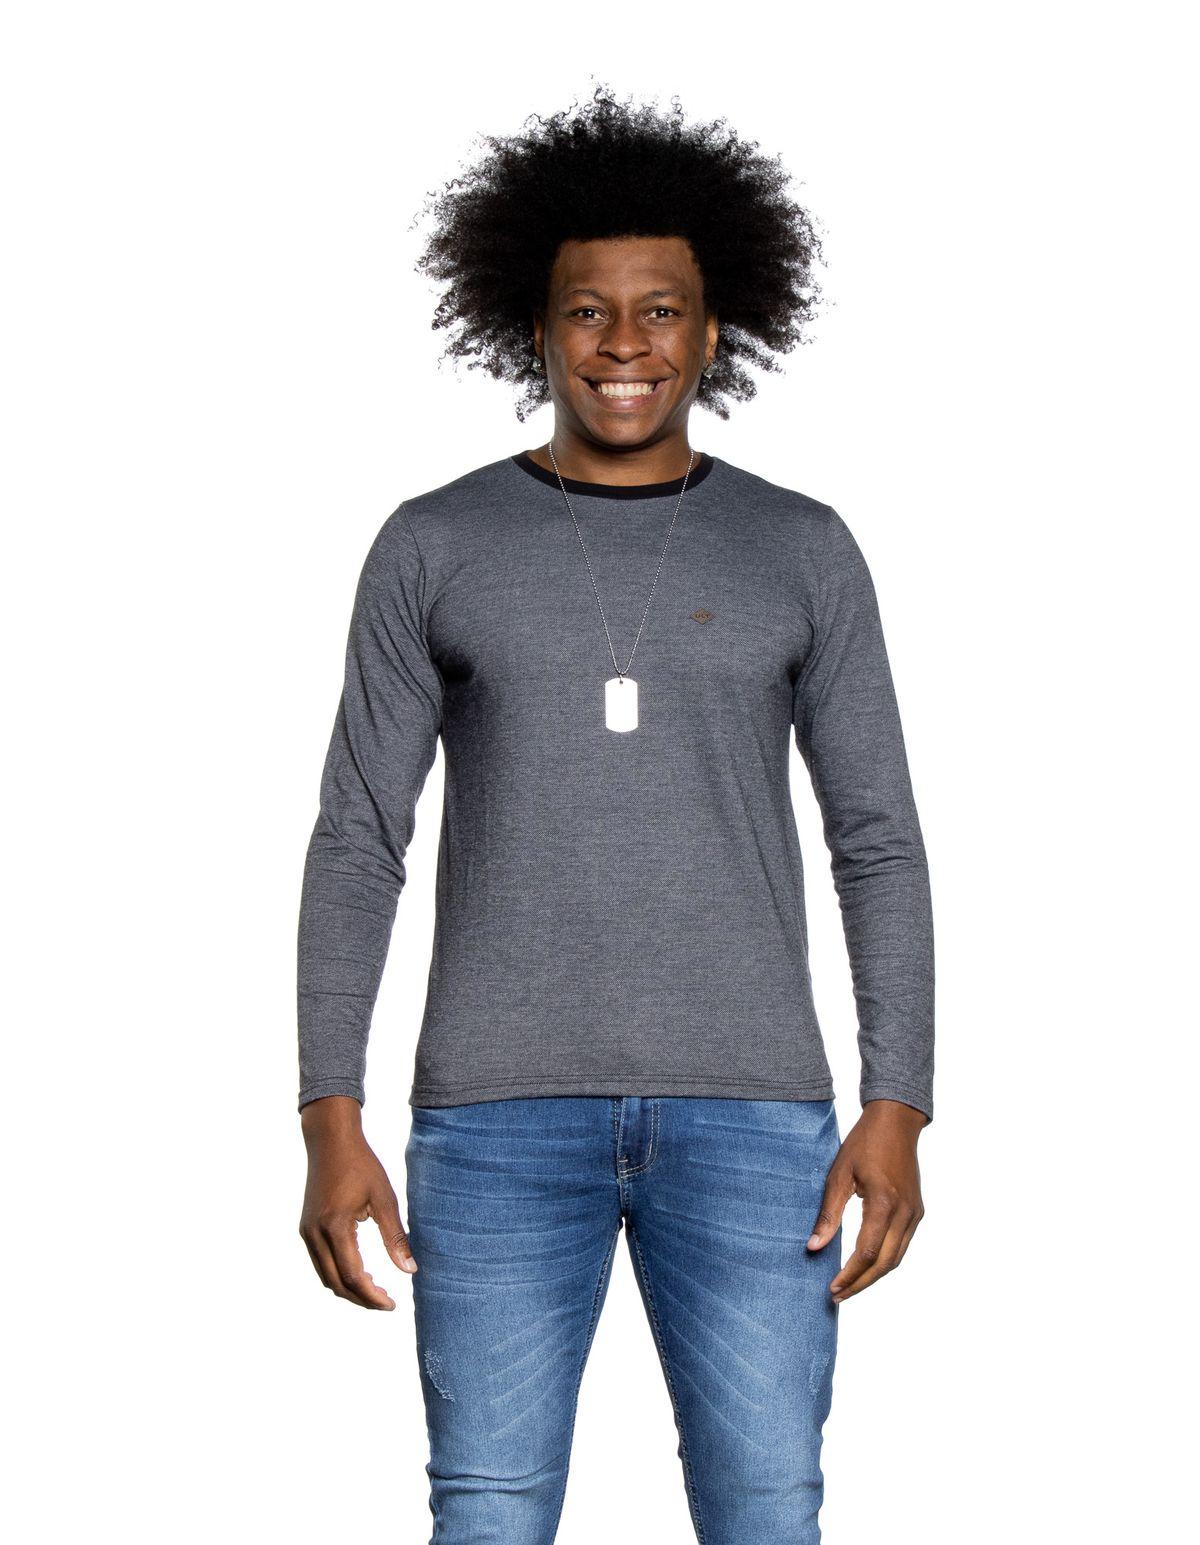 575950007-camiseta-manga-longa-textura-masculina-preto-g-333